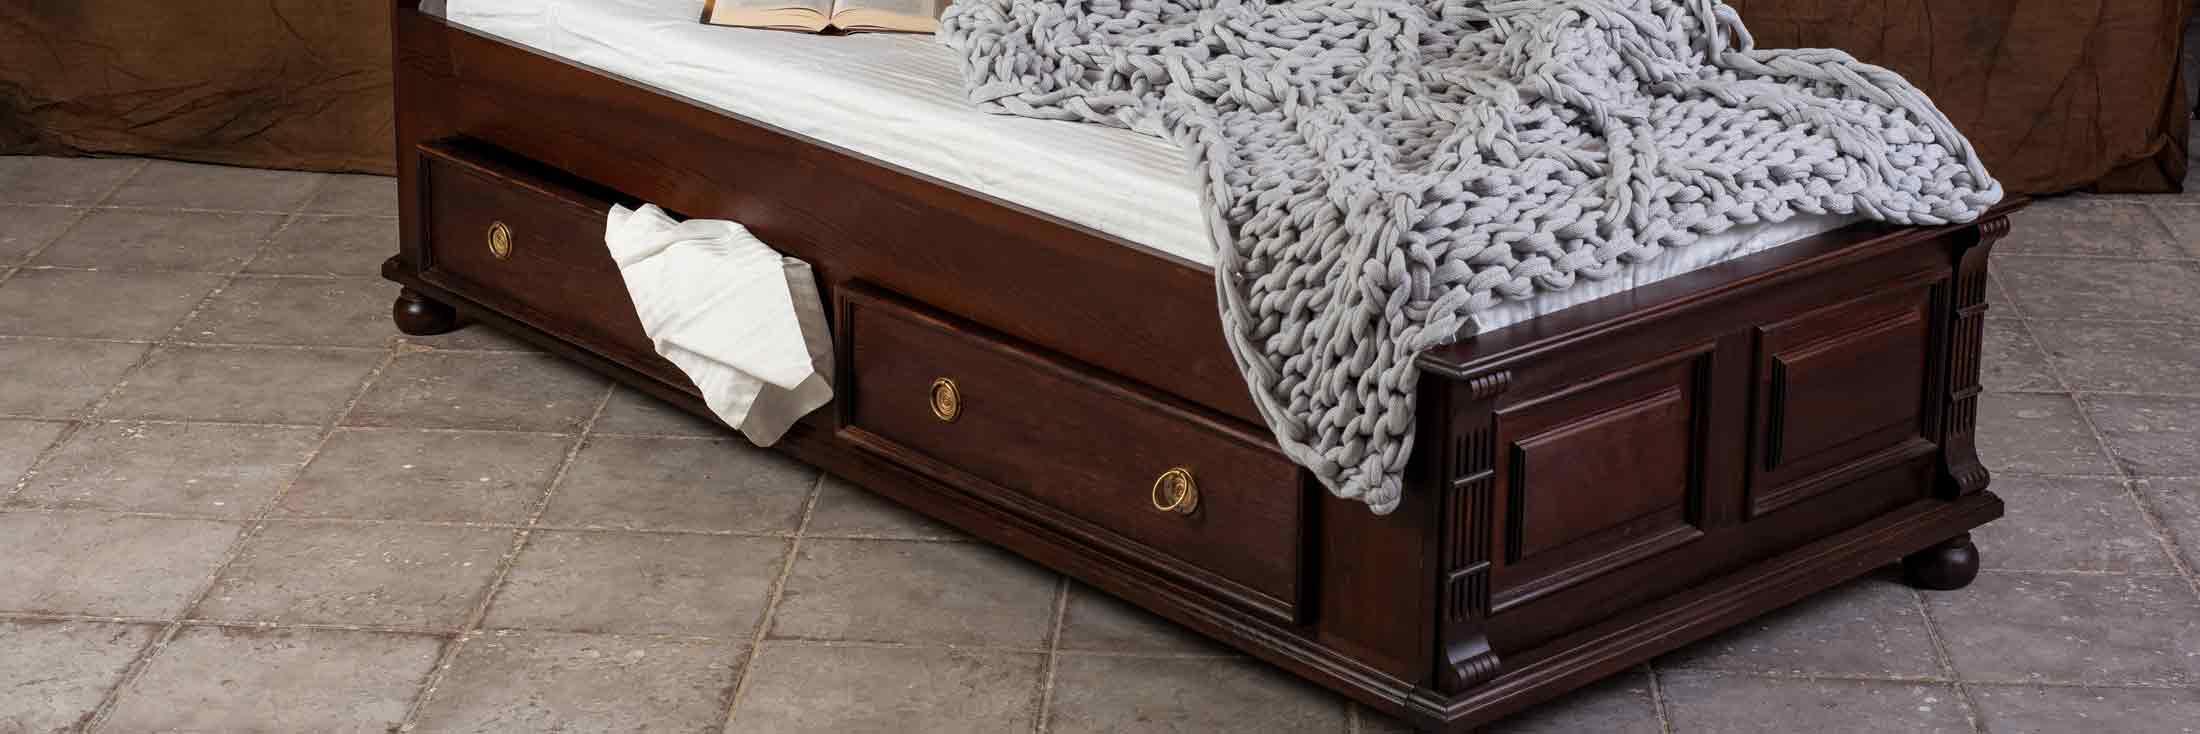 Bett mit dem Unterbett kolonialfarben indivduell anfertigen bauen ...